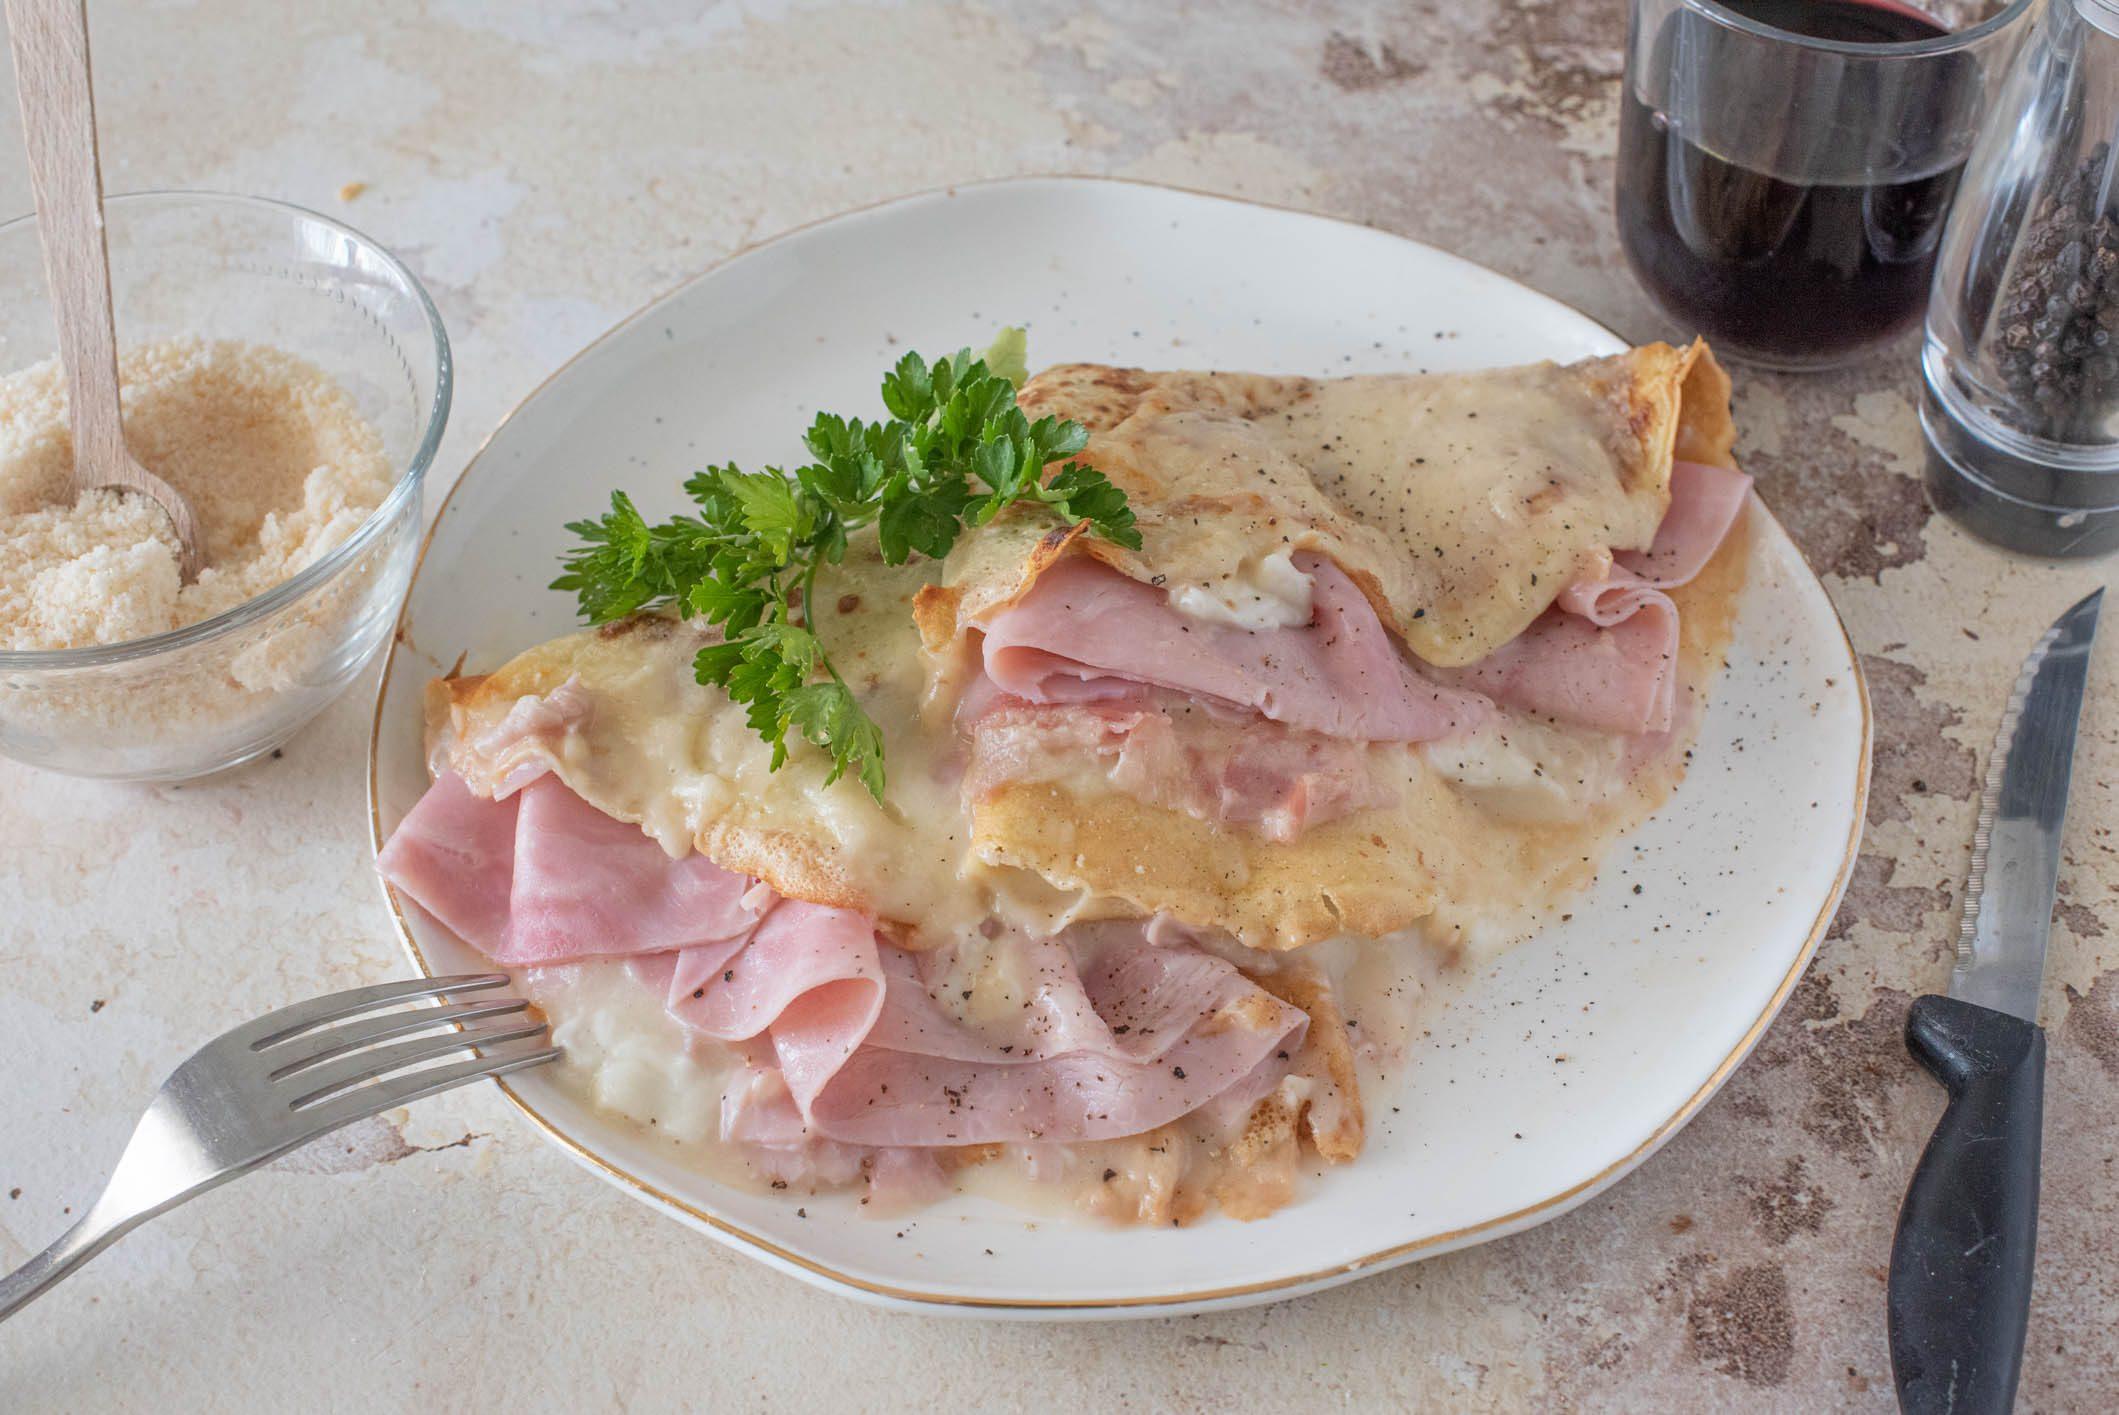 Crespelle prosciutto e besciamella: la ricetta del piatto filante e cremoso